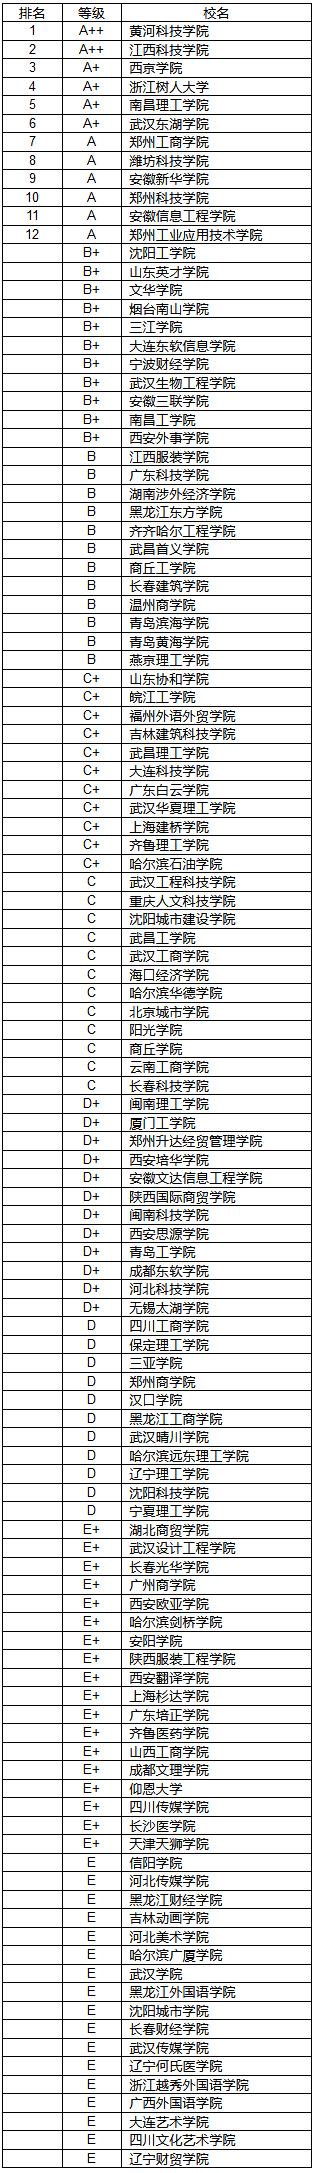 2019中国民办院校排行_2019胡润中国民营企业十强排名中国民营企业排行